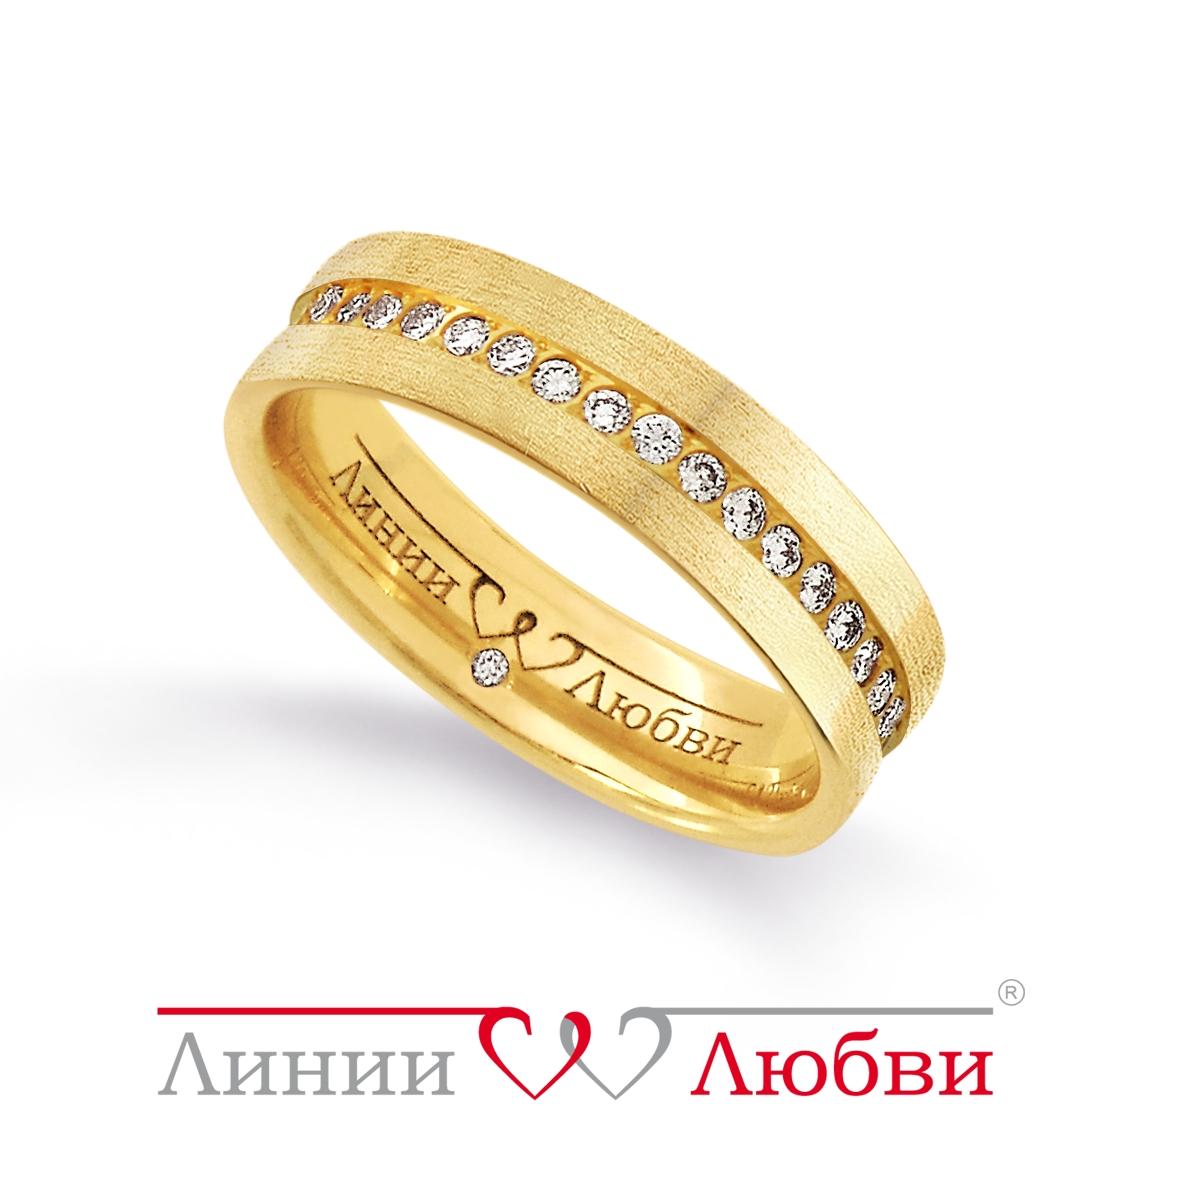 Обручальное кольцо с бриллиантами Линии ЛюбвиКольцо<br>Кольцо обручальное из золота 585 пробы с белыми бриллиантами (арт. Л11151142). Размер 15,5.<br><br>Articule: Л11151142<br>Тип: Кольцо<br>Пол: Унисекс<br>Материал: золото золото<br>Вес изделия г: 4<br>Вставка: белые бриллианты<br>Размеры: 22, 21, 20, 19, 18, 17, 16, 15